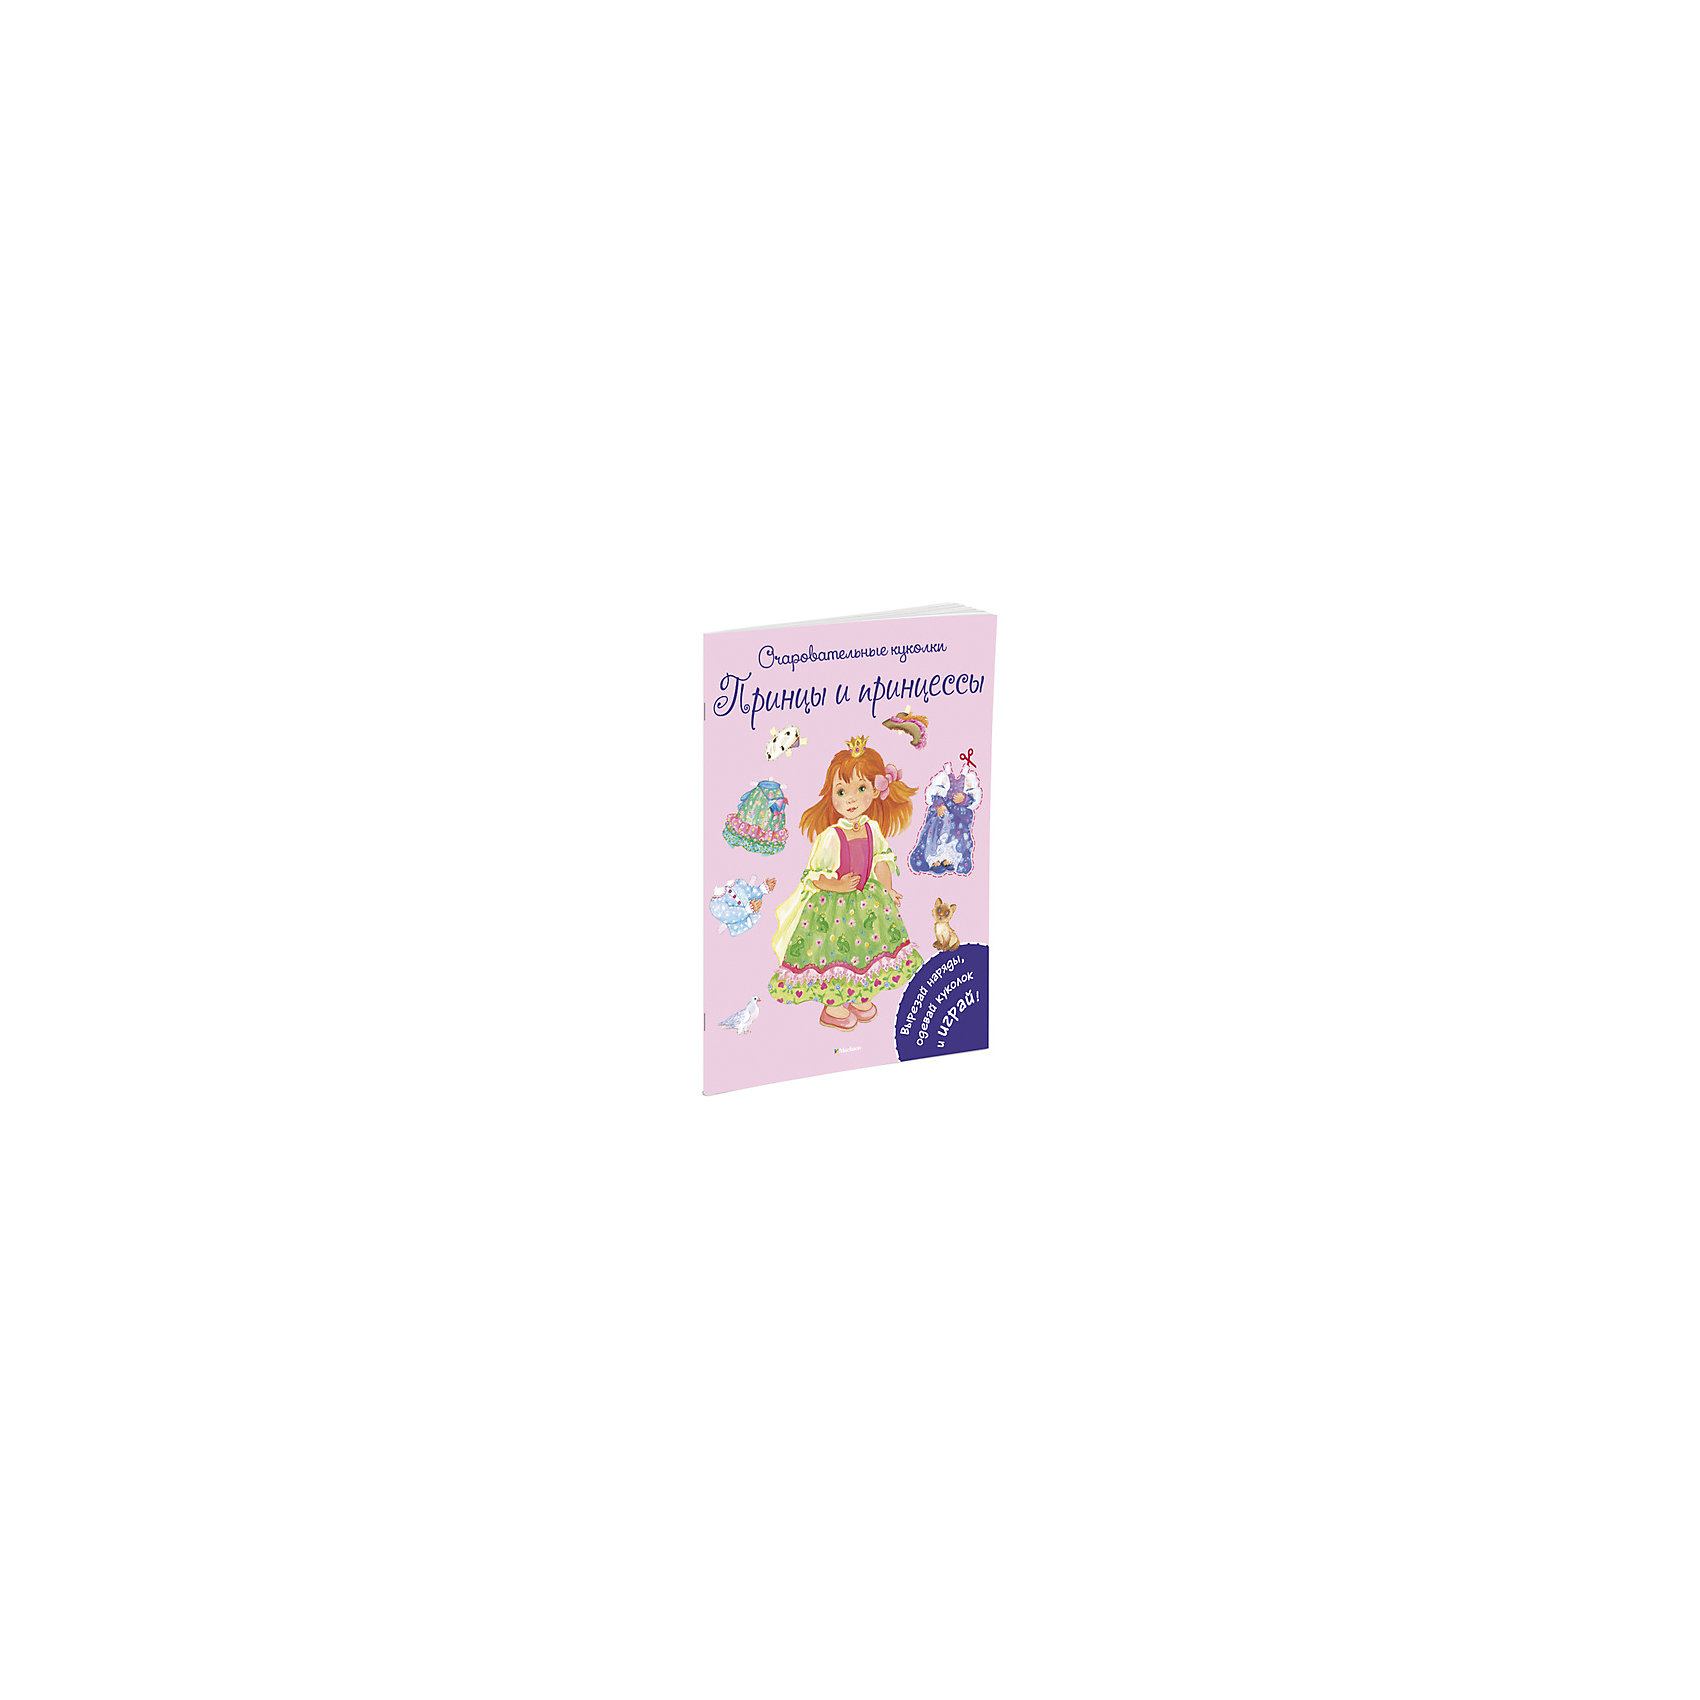 Принцы и принцессы, MACHAONМахаон<br>Книжка Принцы и принцессы.<br><br>Характеристики:<br><br>• Для детей в возрасте: от 3 до 6 лет<br>• Автор иллюстраций: Коссманн Ренатэ<br>• Переводчик: Сенникова В.<br>• Издательство: Махаон, 2016 год<br>• Серия: Очаровательные куколки<br>• Тип обложки: мягкая<br>• Иллюстрации: цветные<br>• Количество страниц: 16<br>• Размер: 285x210x2 мм.<br>• Вес: 153 гр.<br>• ISBN: 9785389093164<br><br>Как проводят время маленькие принцы и принцессы? Они заводят питомцев, играют с самыми лучшими игрушками, меняют наряды два раза в день и носят короны. Вырежи фигурки принцев и принцесс, красивые платья и создавай им образы на каждый день. С этой книжкой ваш ребёнок не просто интересно проведёт время, но и разовьёт мелкую моторику, художественный вкус и воображение.<br><br>Книжку Принцы и принцессы можно купить в нашем интернет-магазине.<br><br>Ширина мм: 285<br>Глубина мм: 210<br>Высота мм: 20<br>Вес г: 153<br>Возраст от месяцев: 36<br>Возраст до месяцев: 72<br>Пол: Женский<br>Возраст: Детский<br>SKU: 5493485